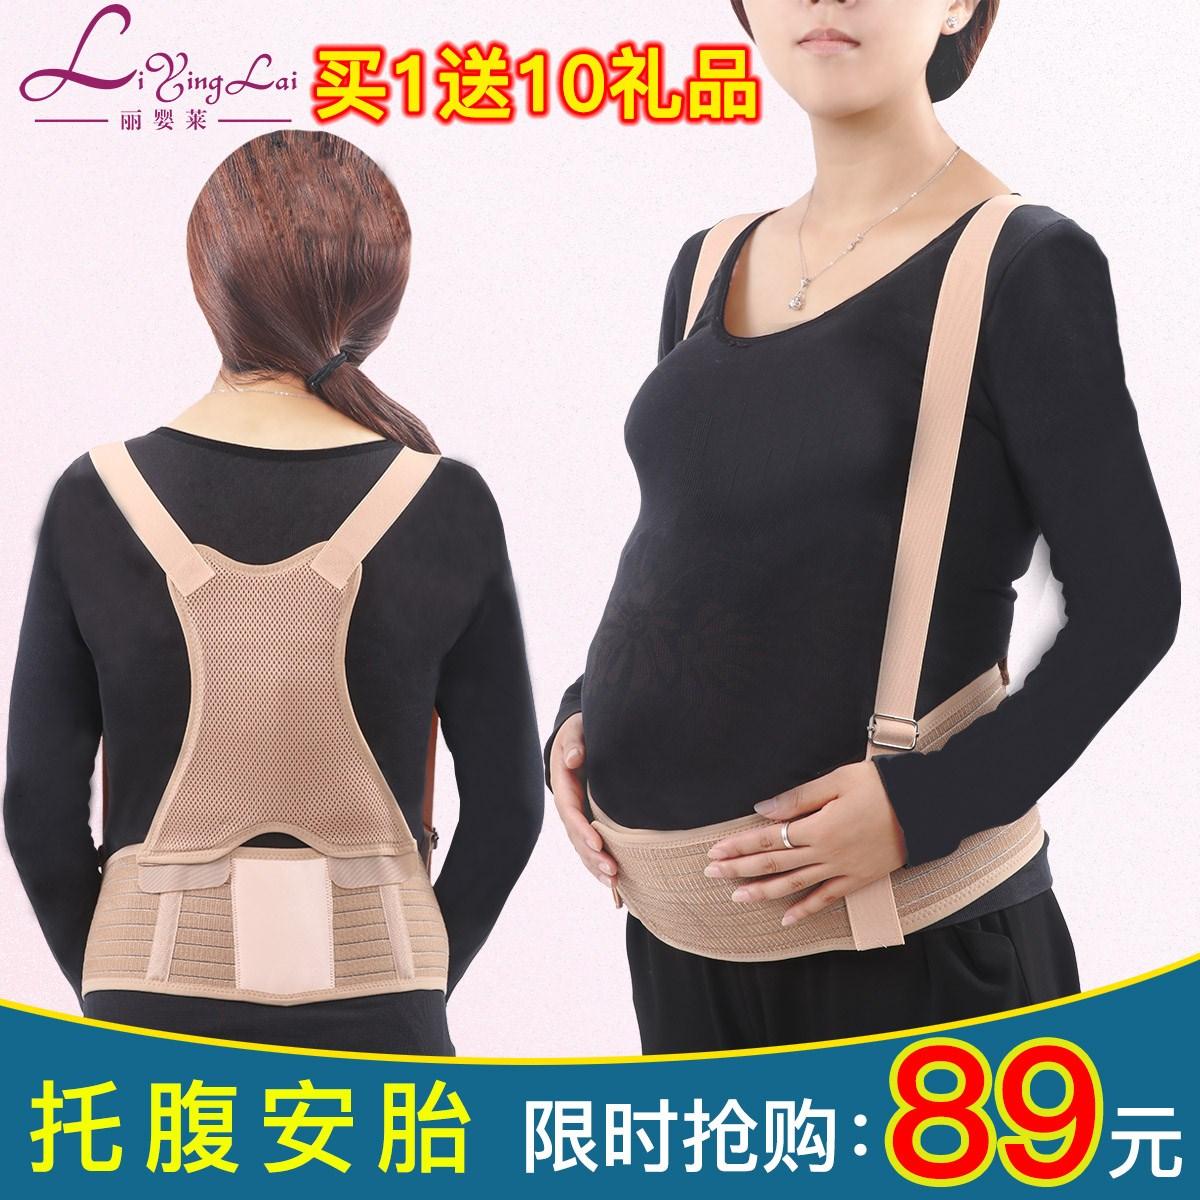 孕妇托腹带产前保胎怀孕期专用透气拖付带兜挎肩式春夏季纯棉用品